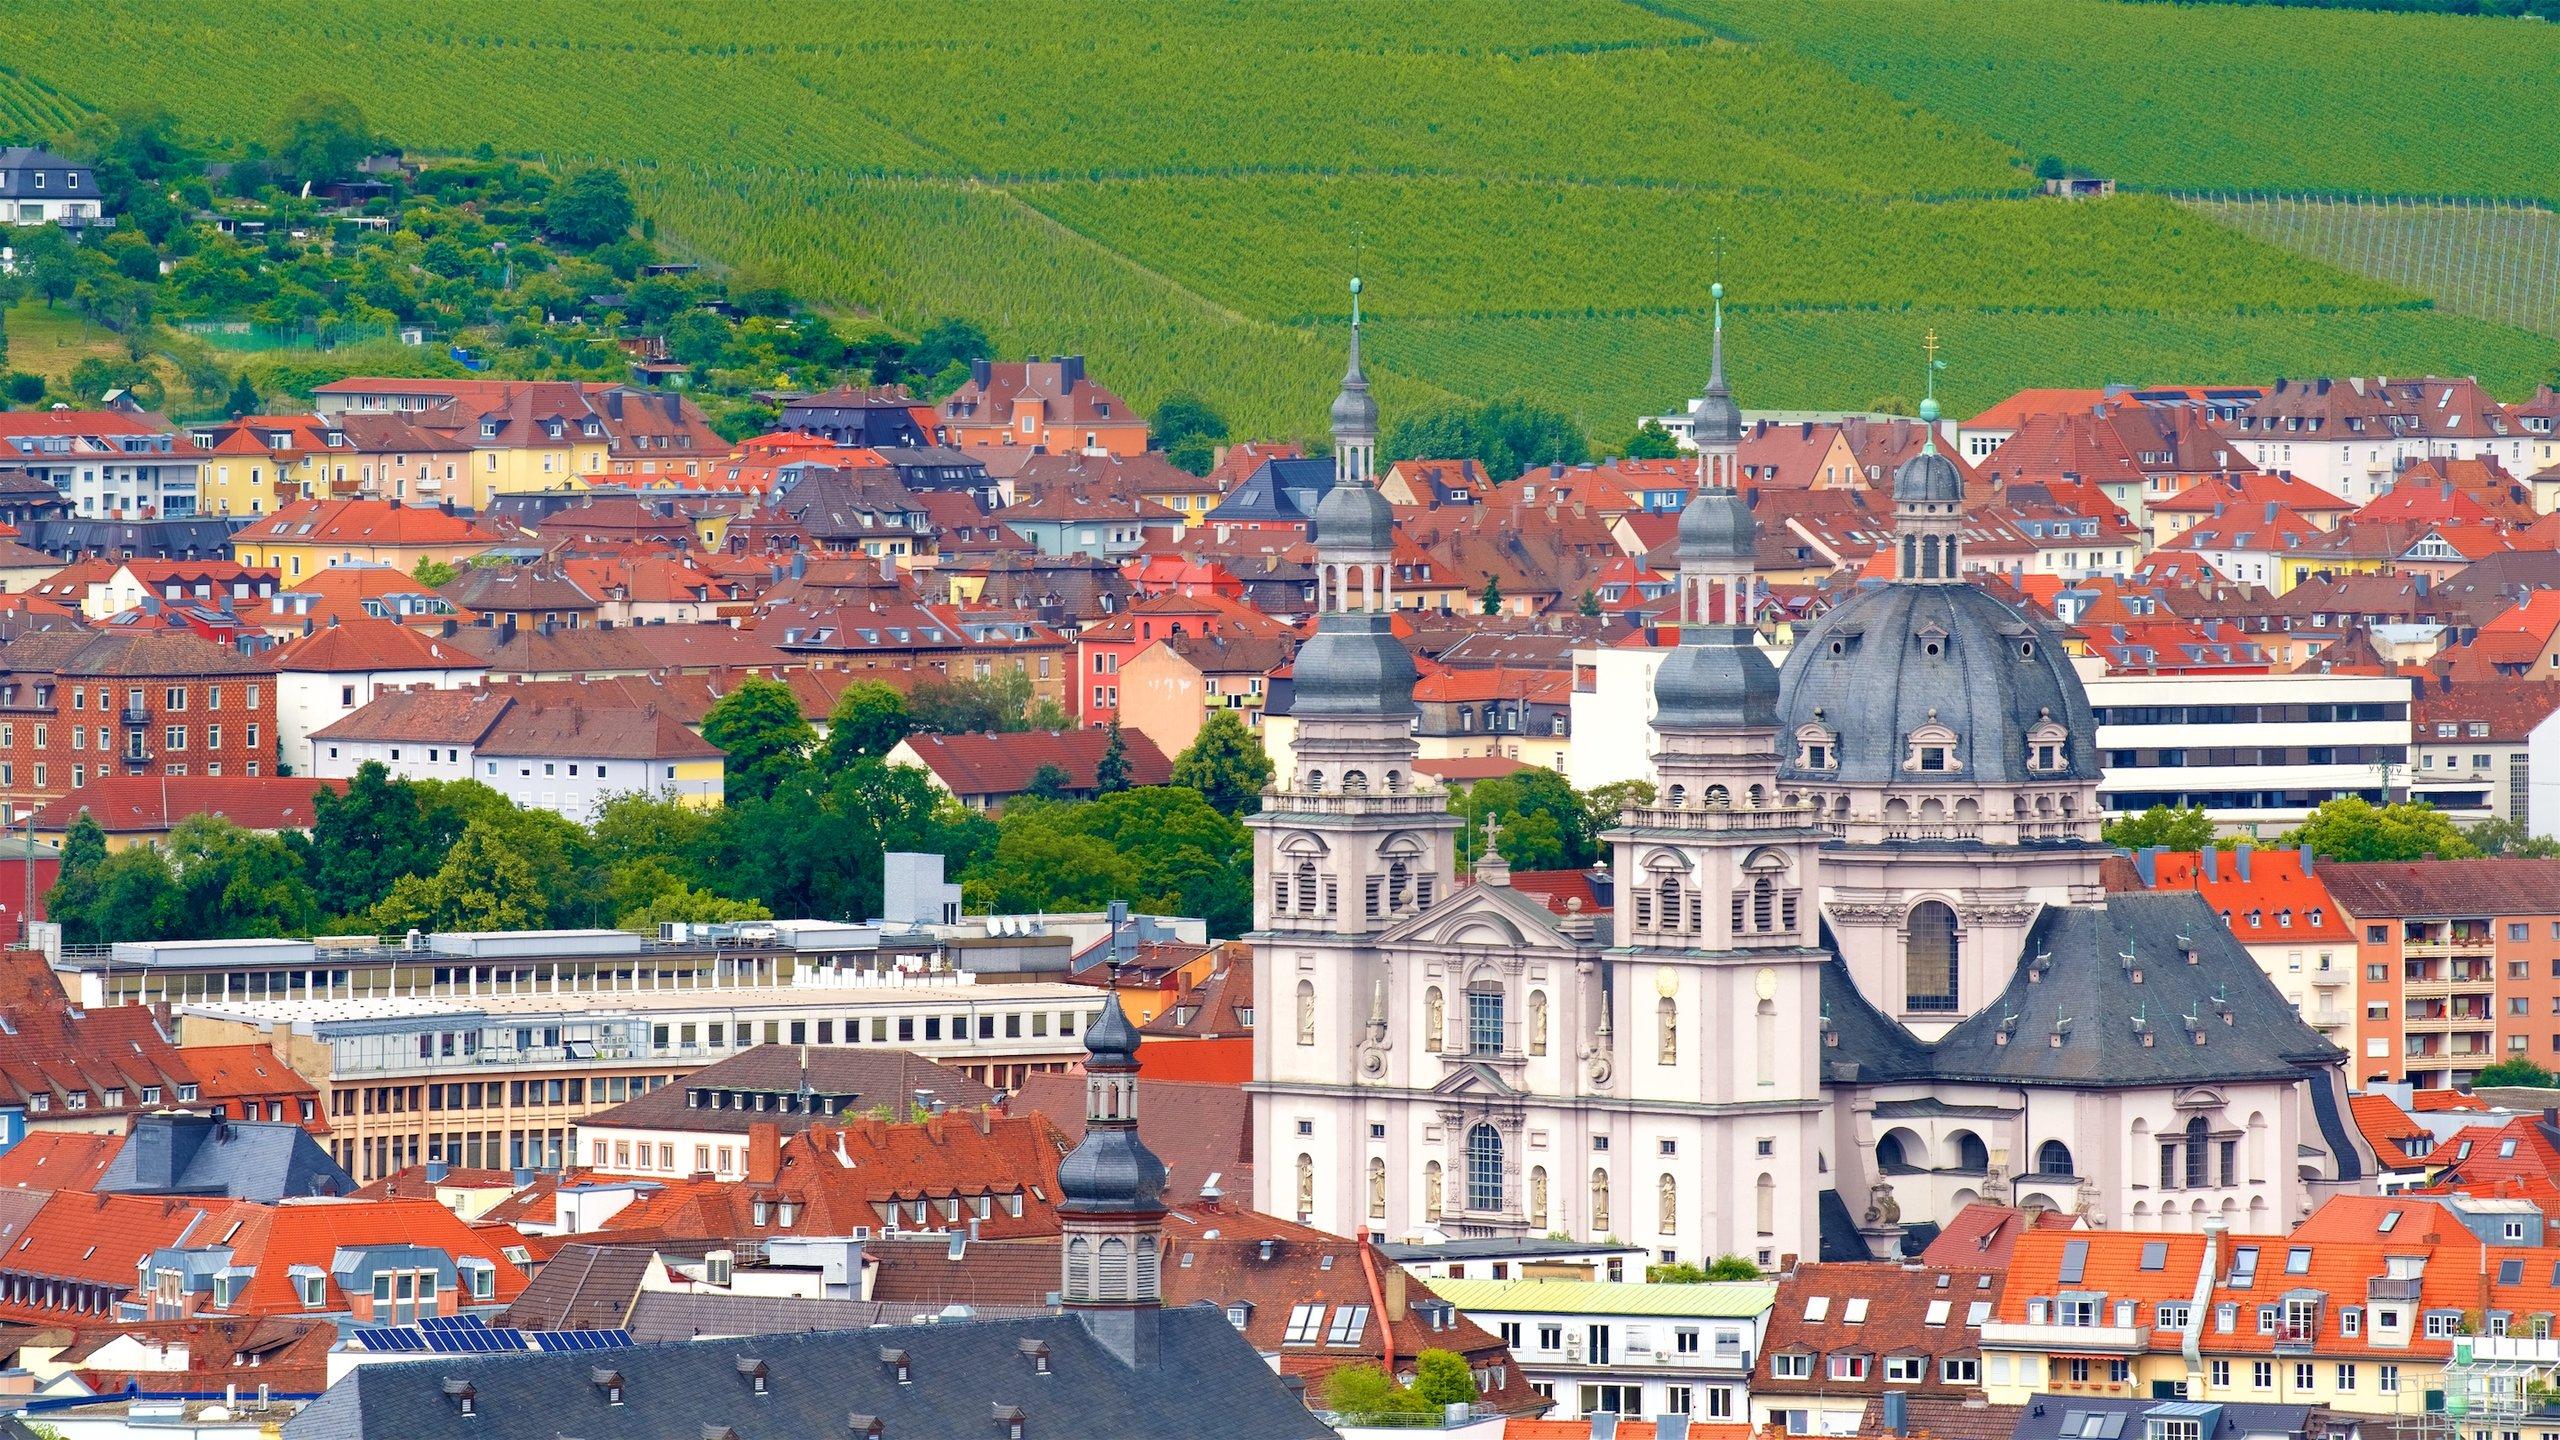 Landkreis Würzburg, Bayern, Deutschland